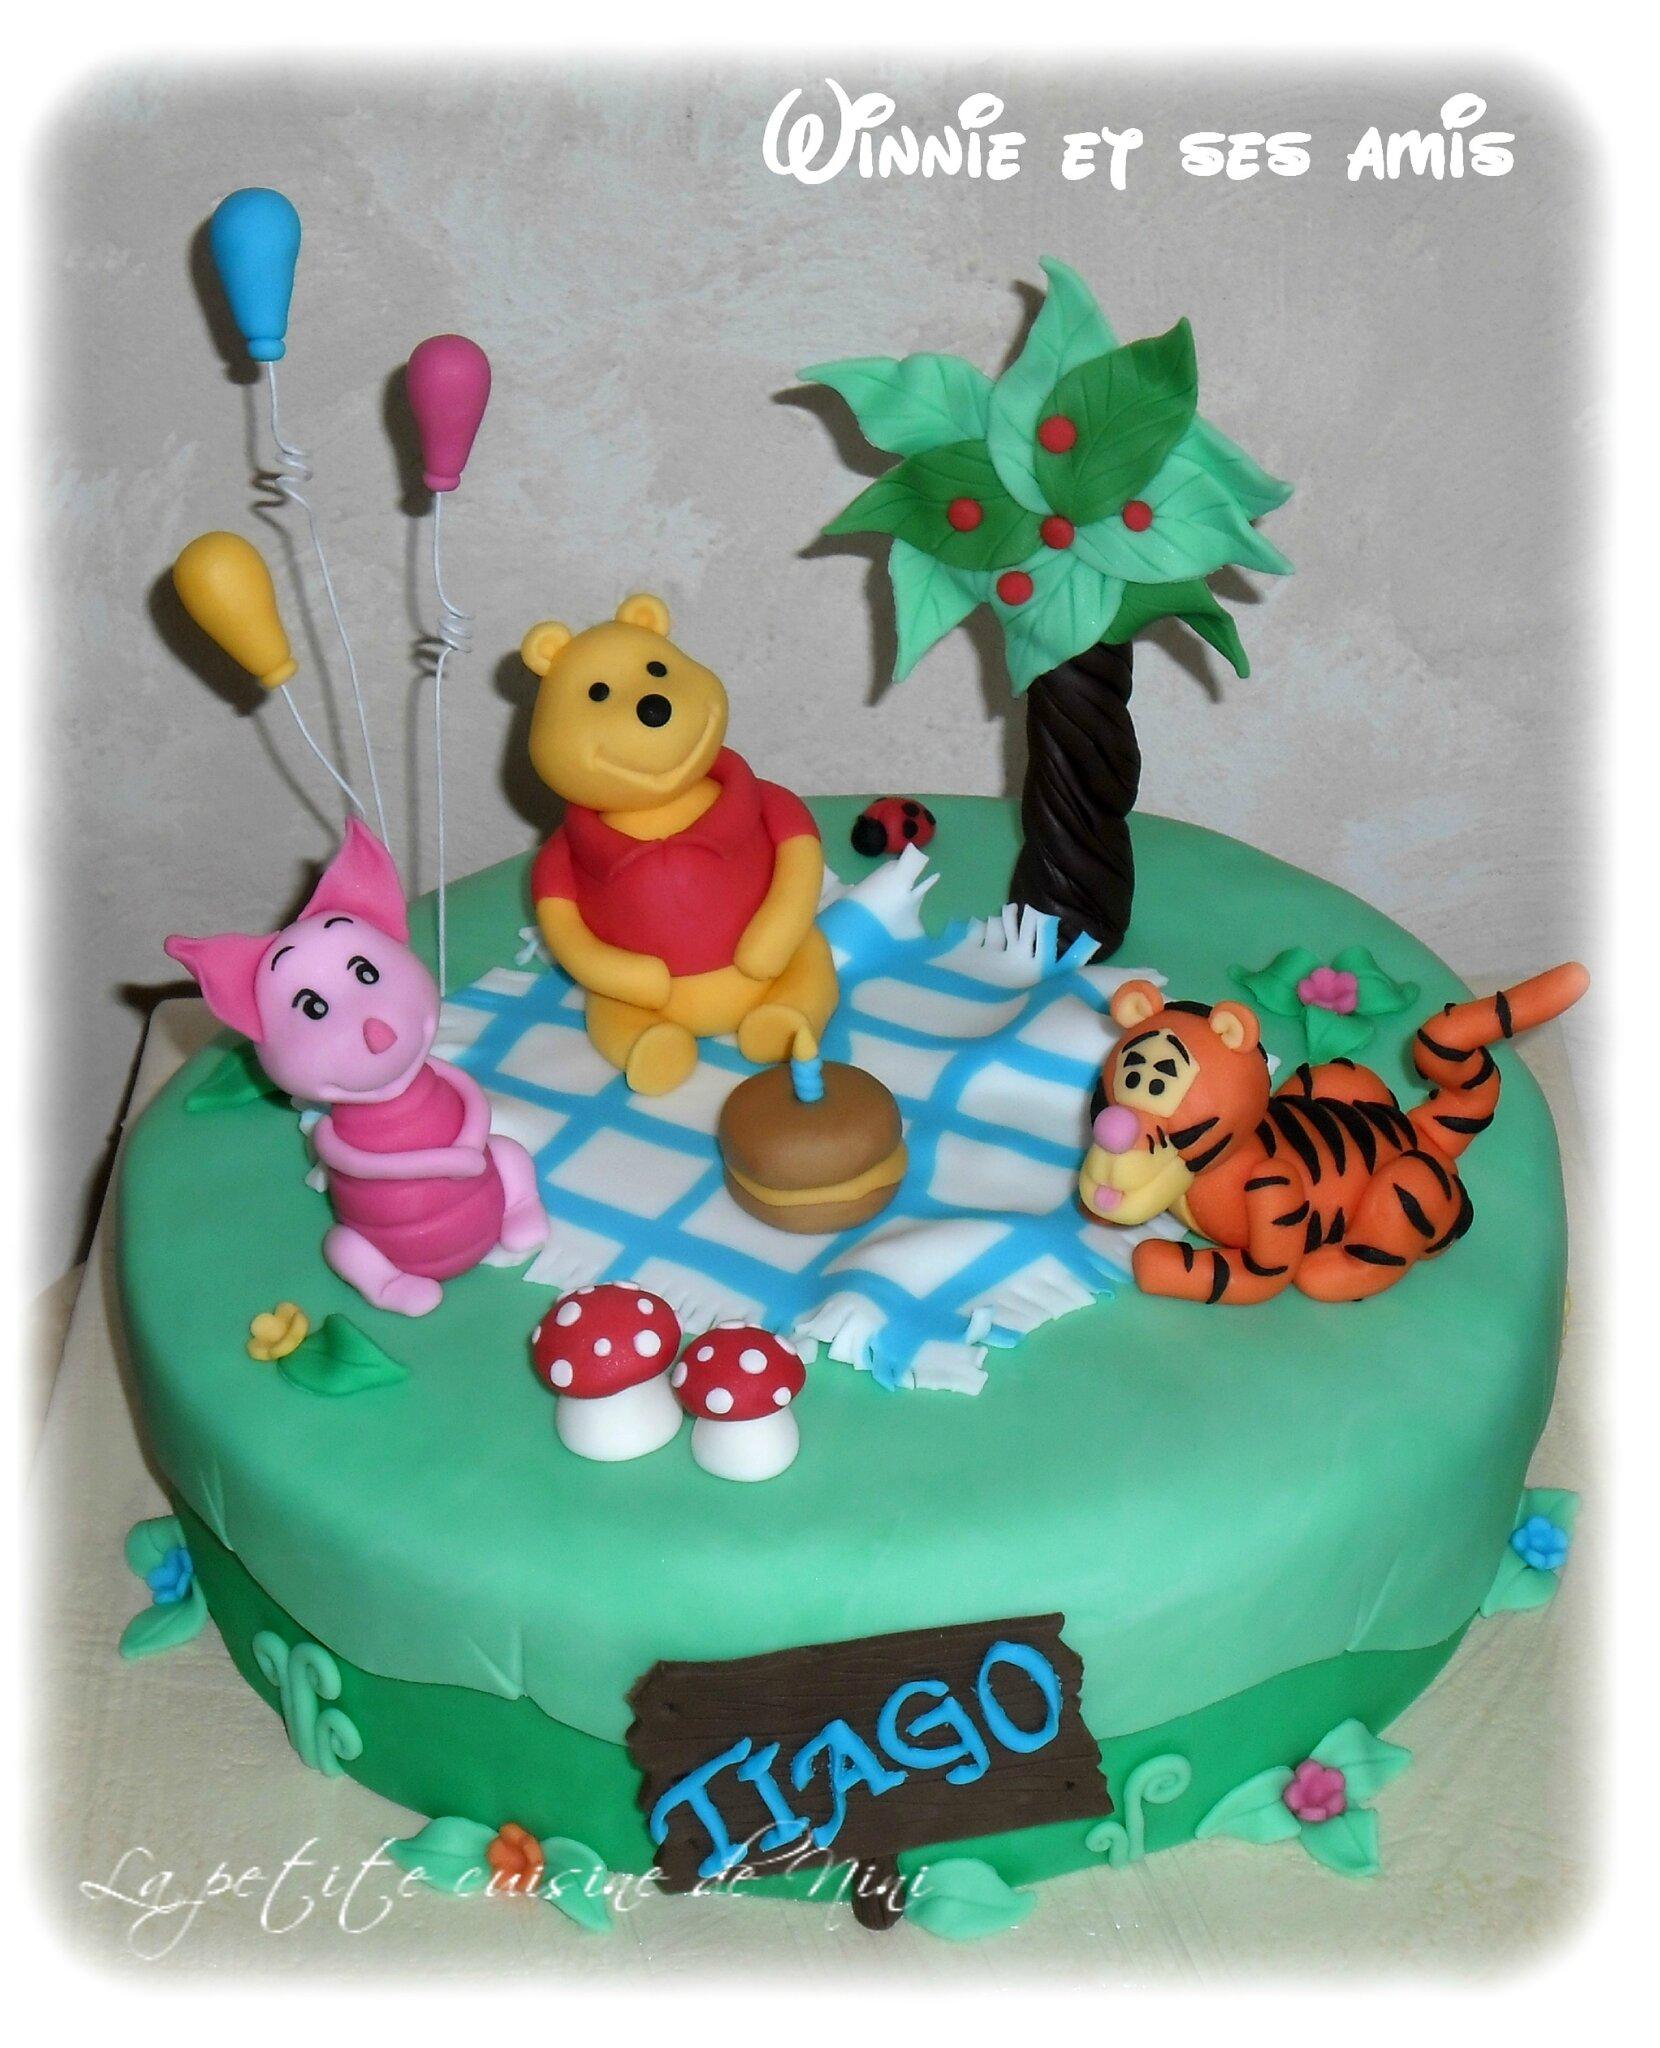 Gâteau Winnie et ses amis pour Tiago